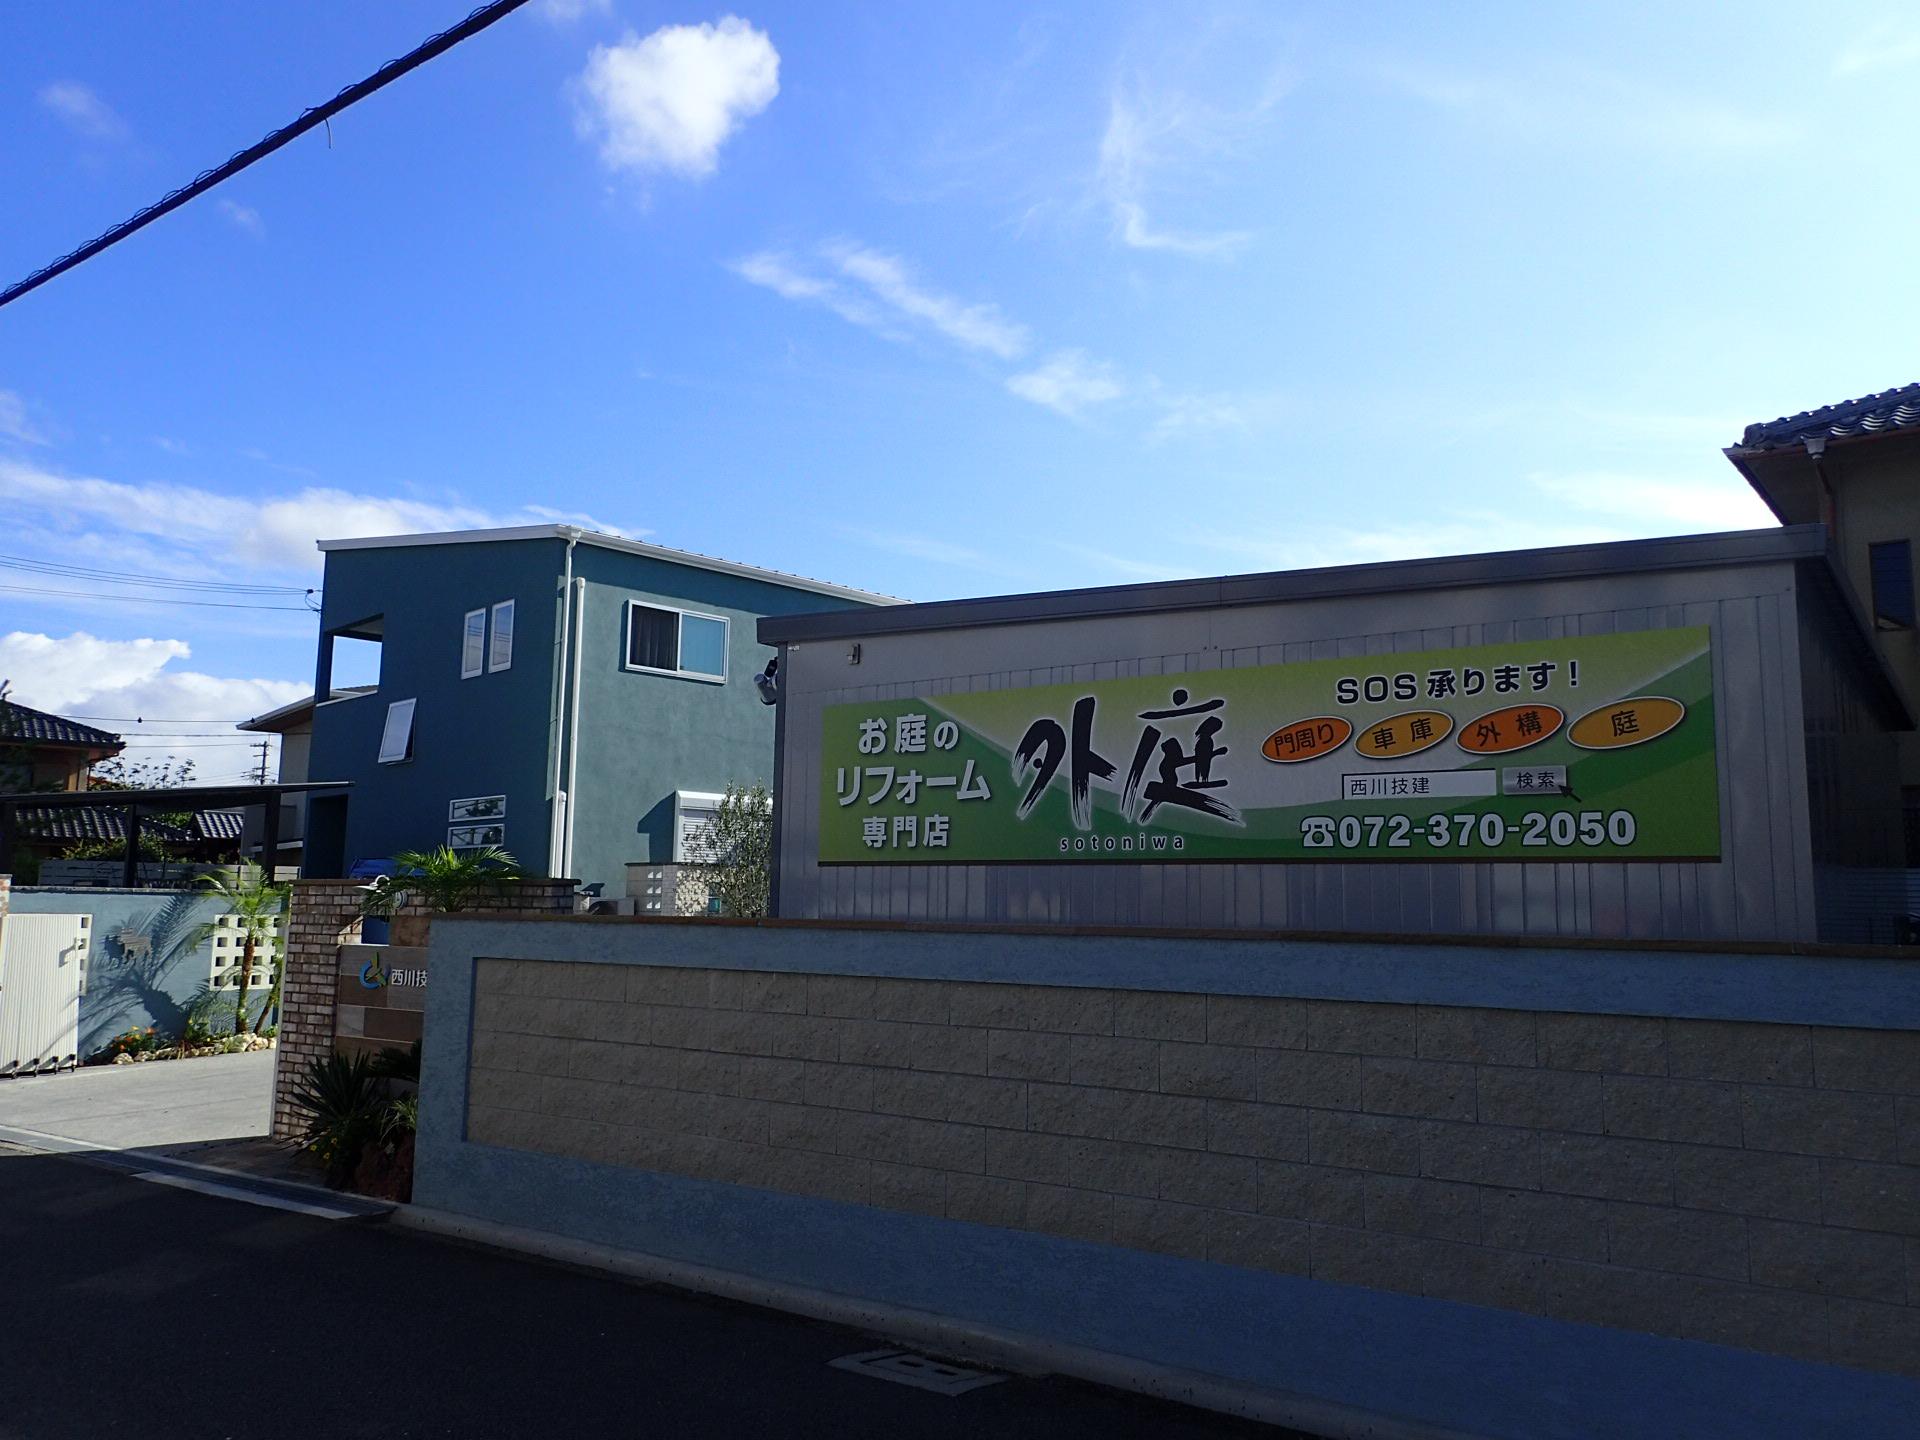 堺市南区で唯一の 外構リフォーム専門店 外庭sotoniwa